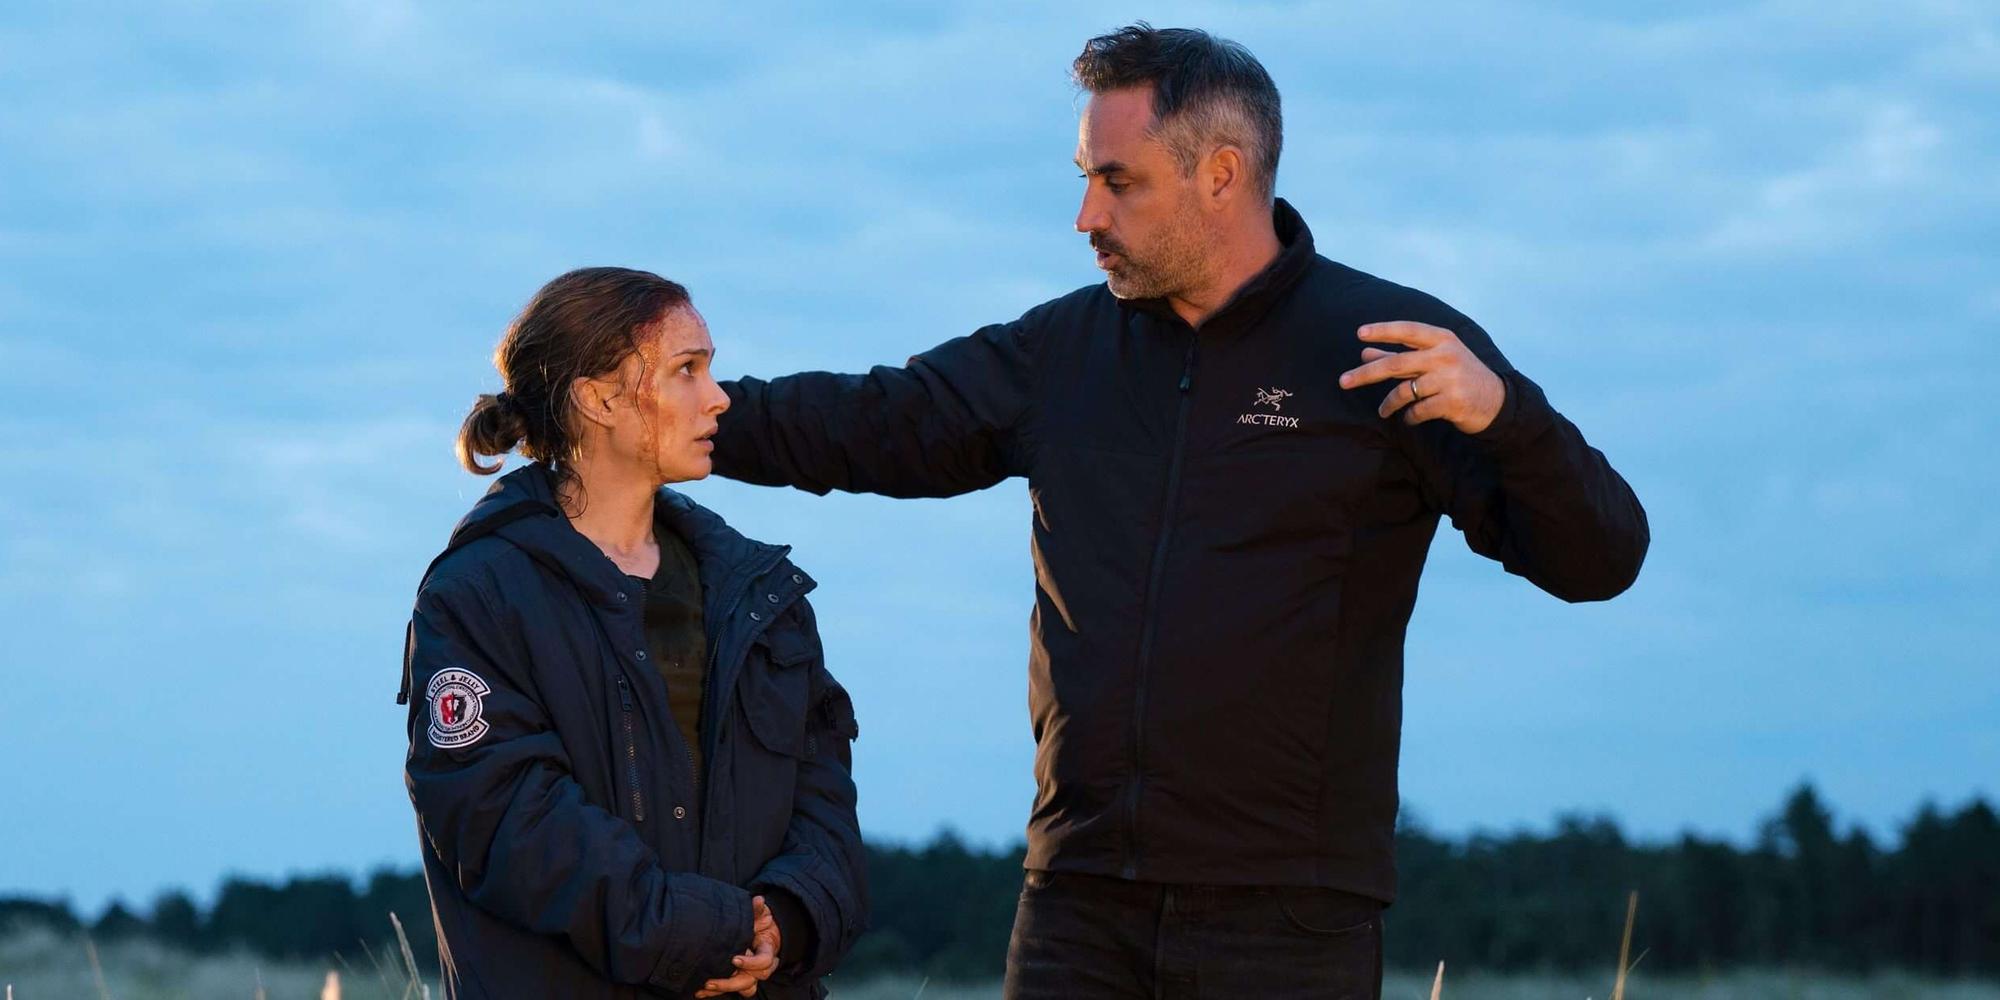 Natalie Portman and Alex Garland in Annihilation